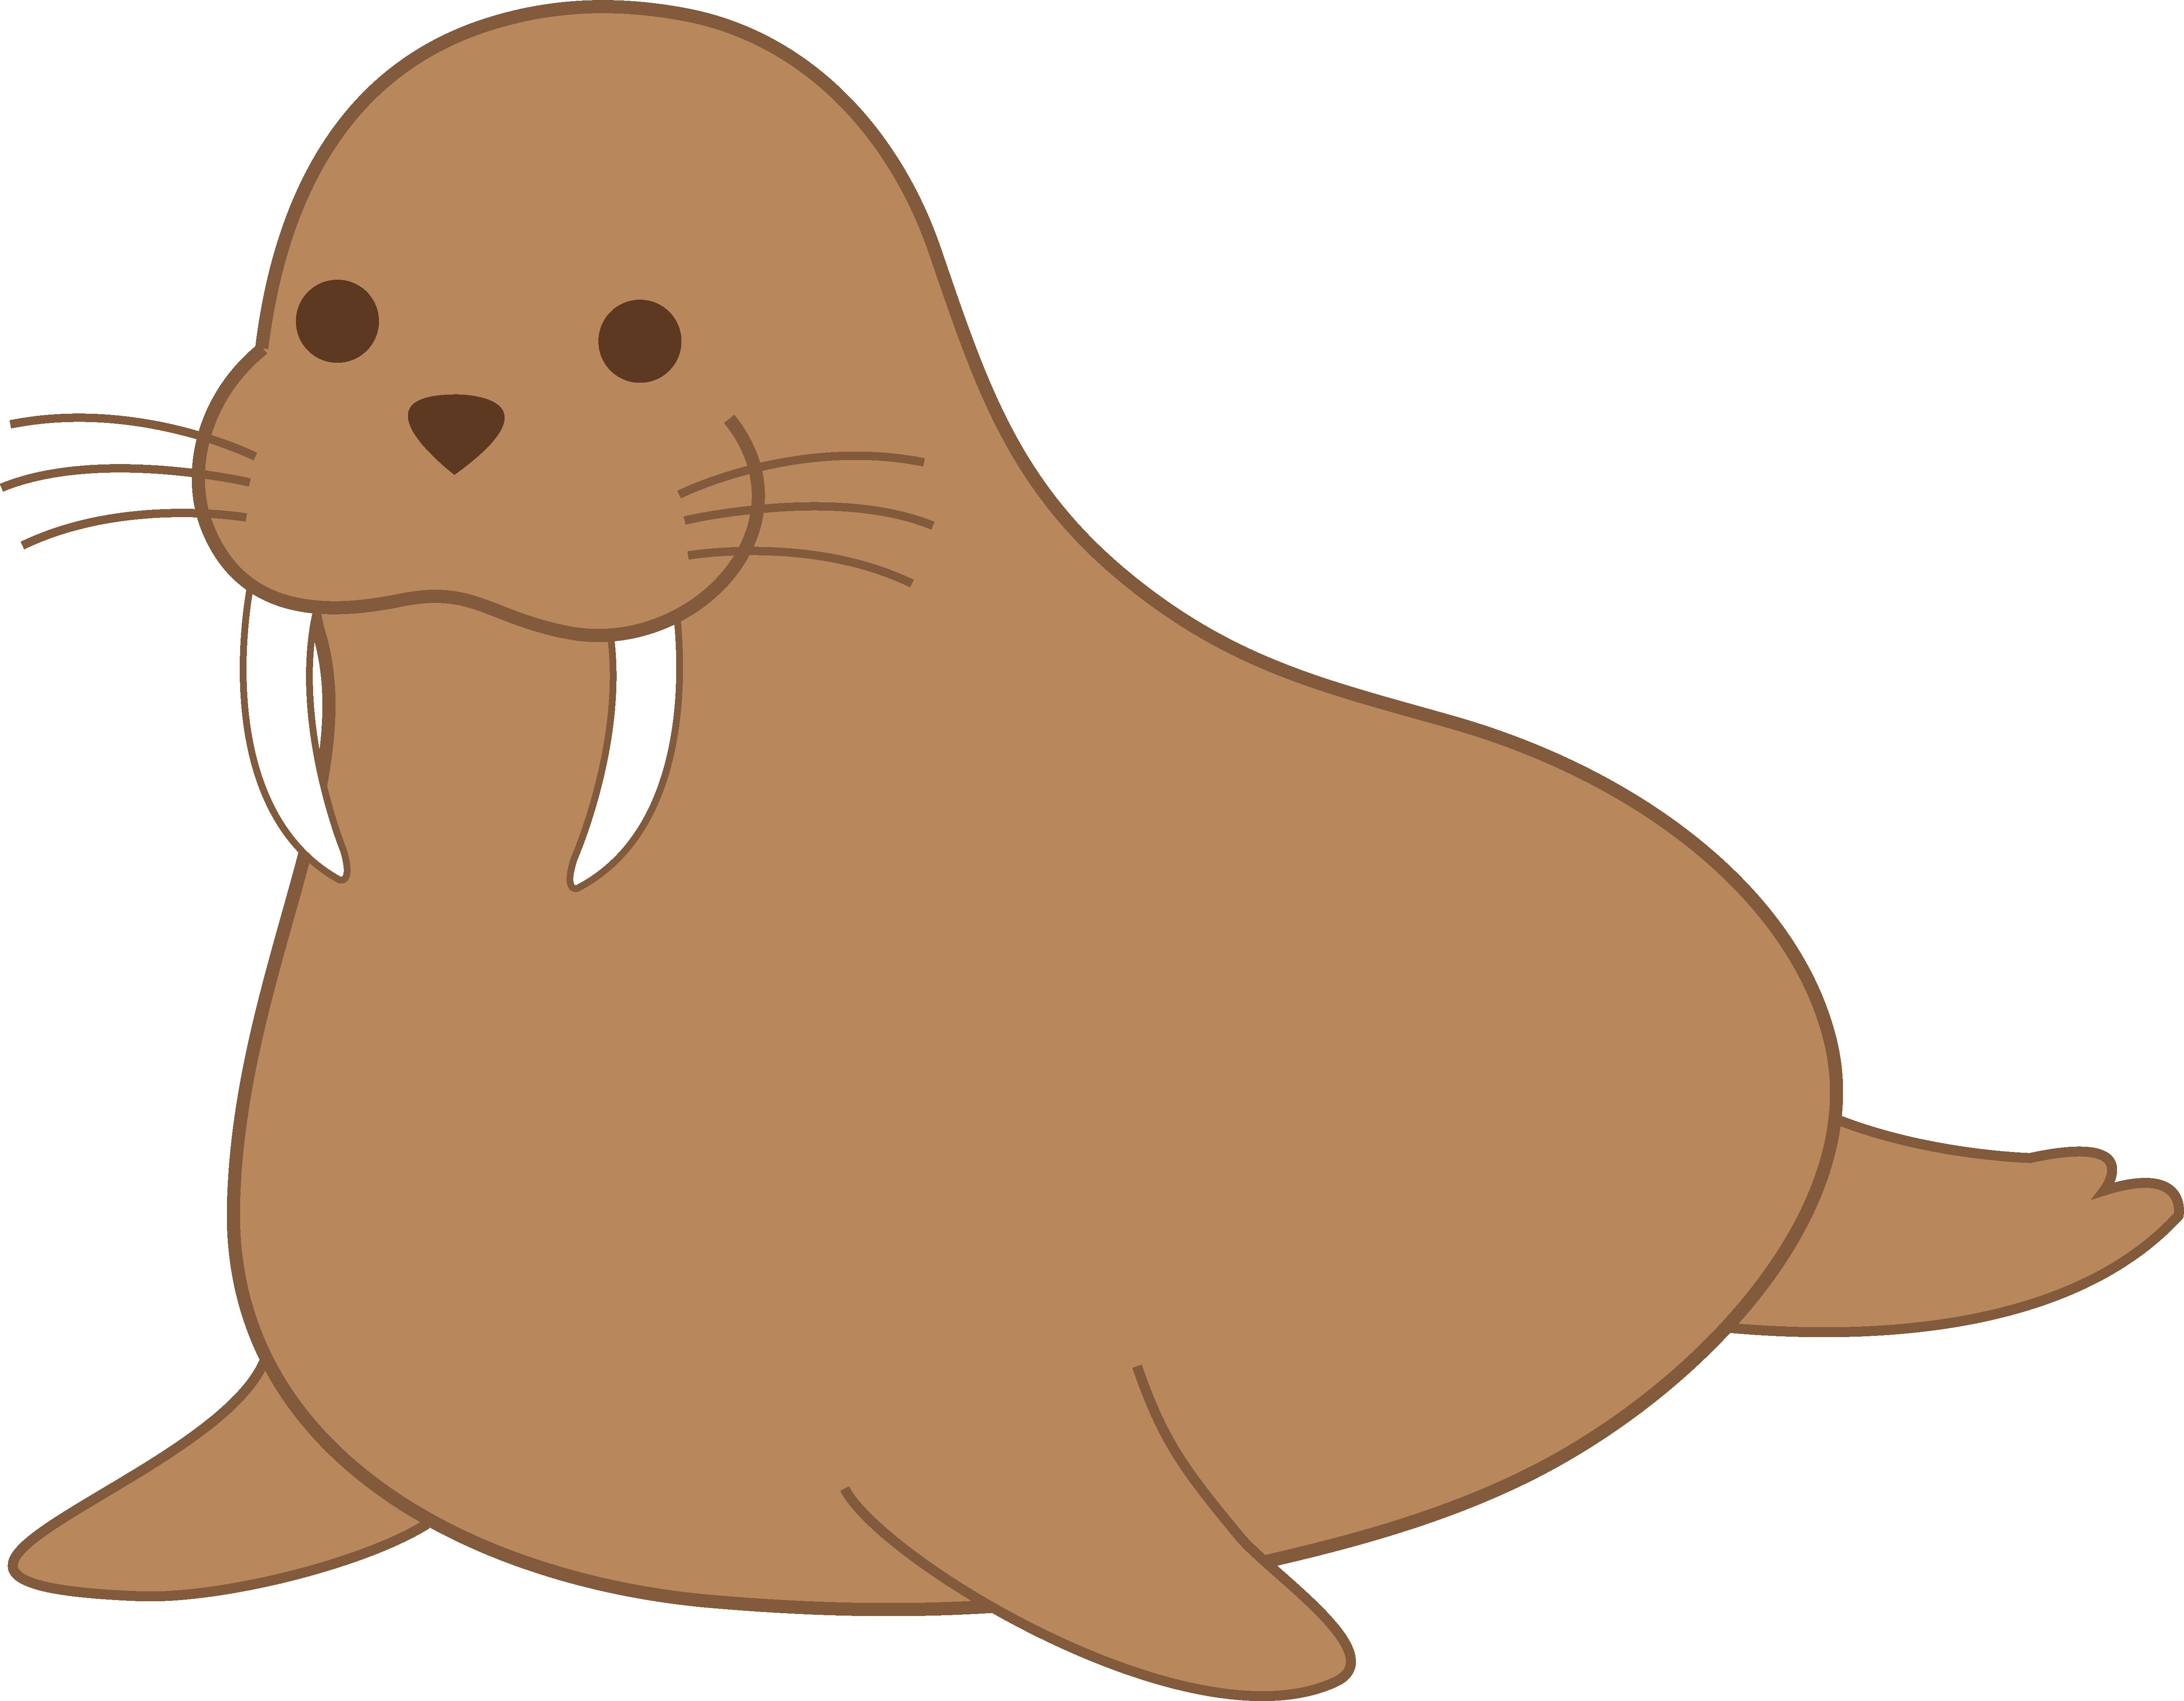 Walrus clipart. Chubby brown clip art